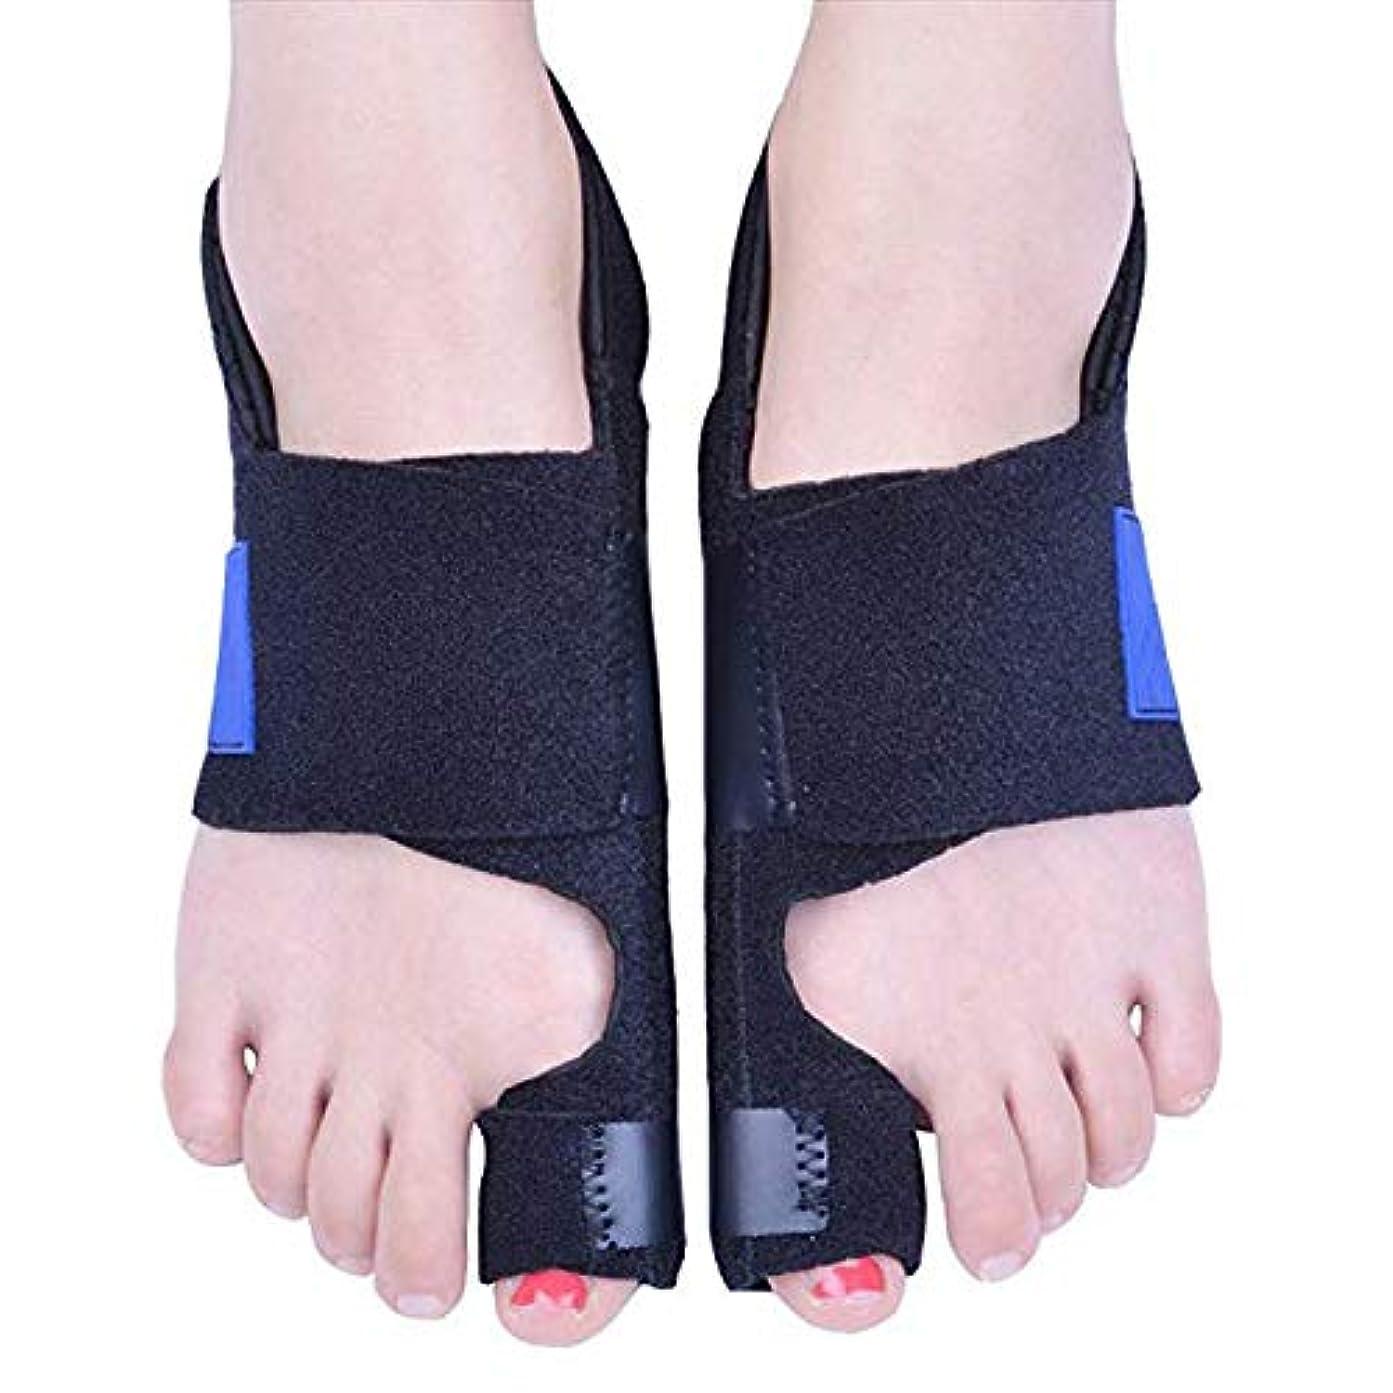 金貸しそよ風通常腰部の足のアライナーと腱膜瘤の救済、女性と男性の整形外科の足の親指の矯正、昼と夜のサポート、外反母ofの治療と予防,Black